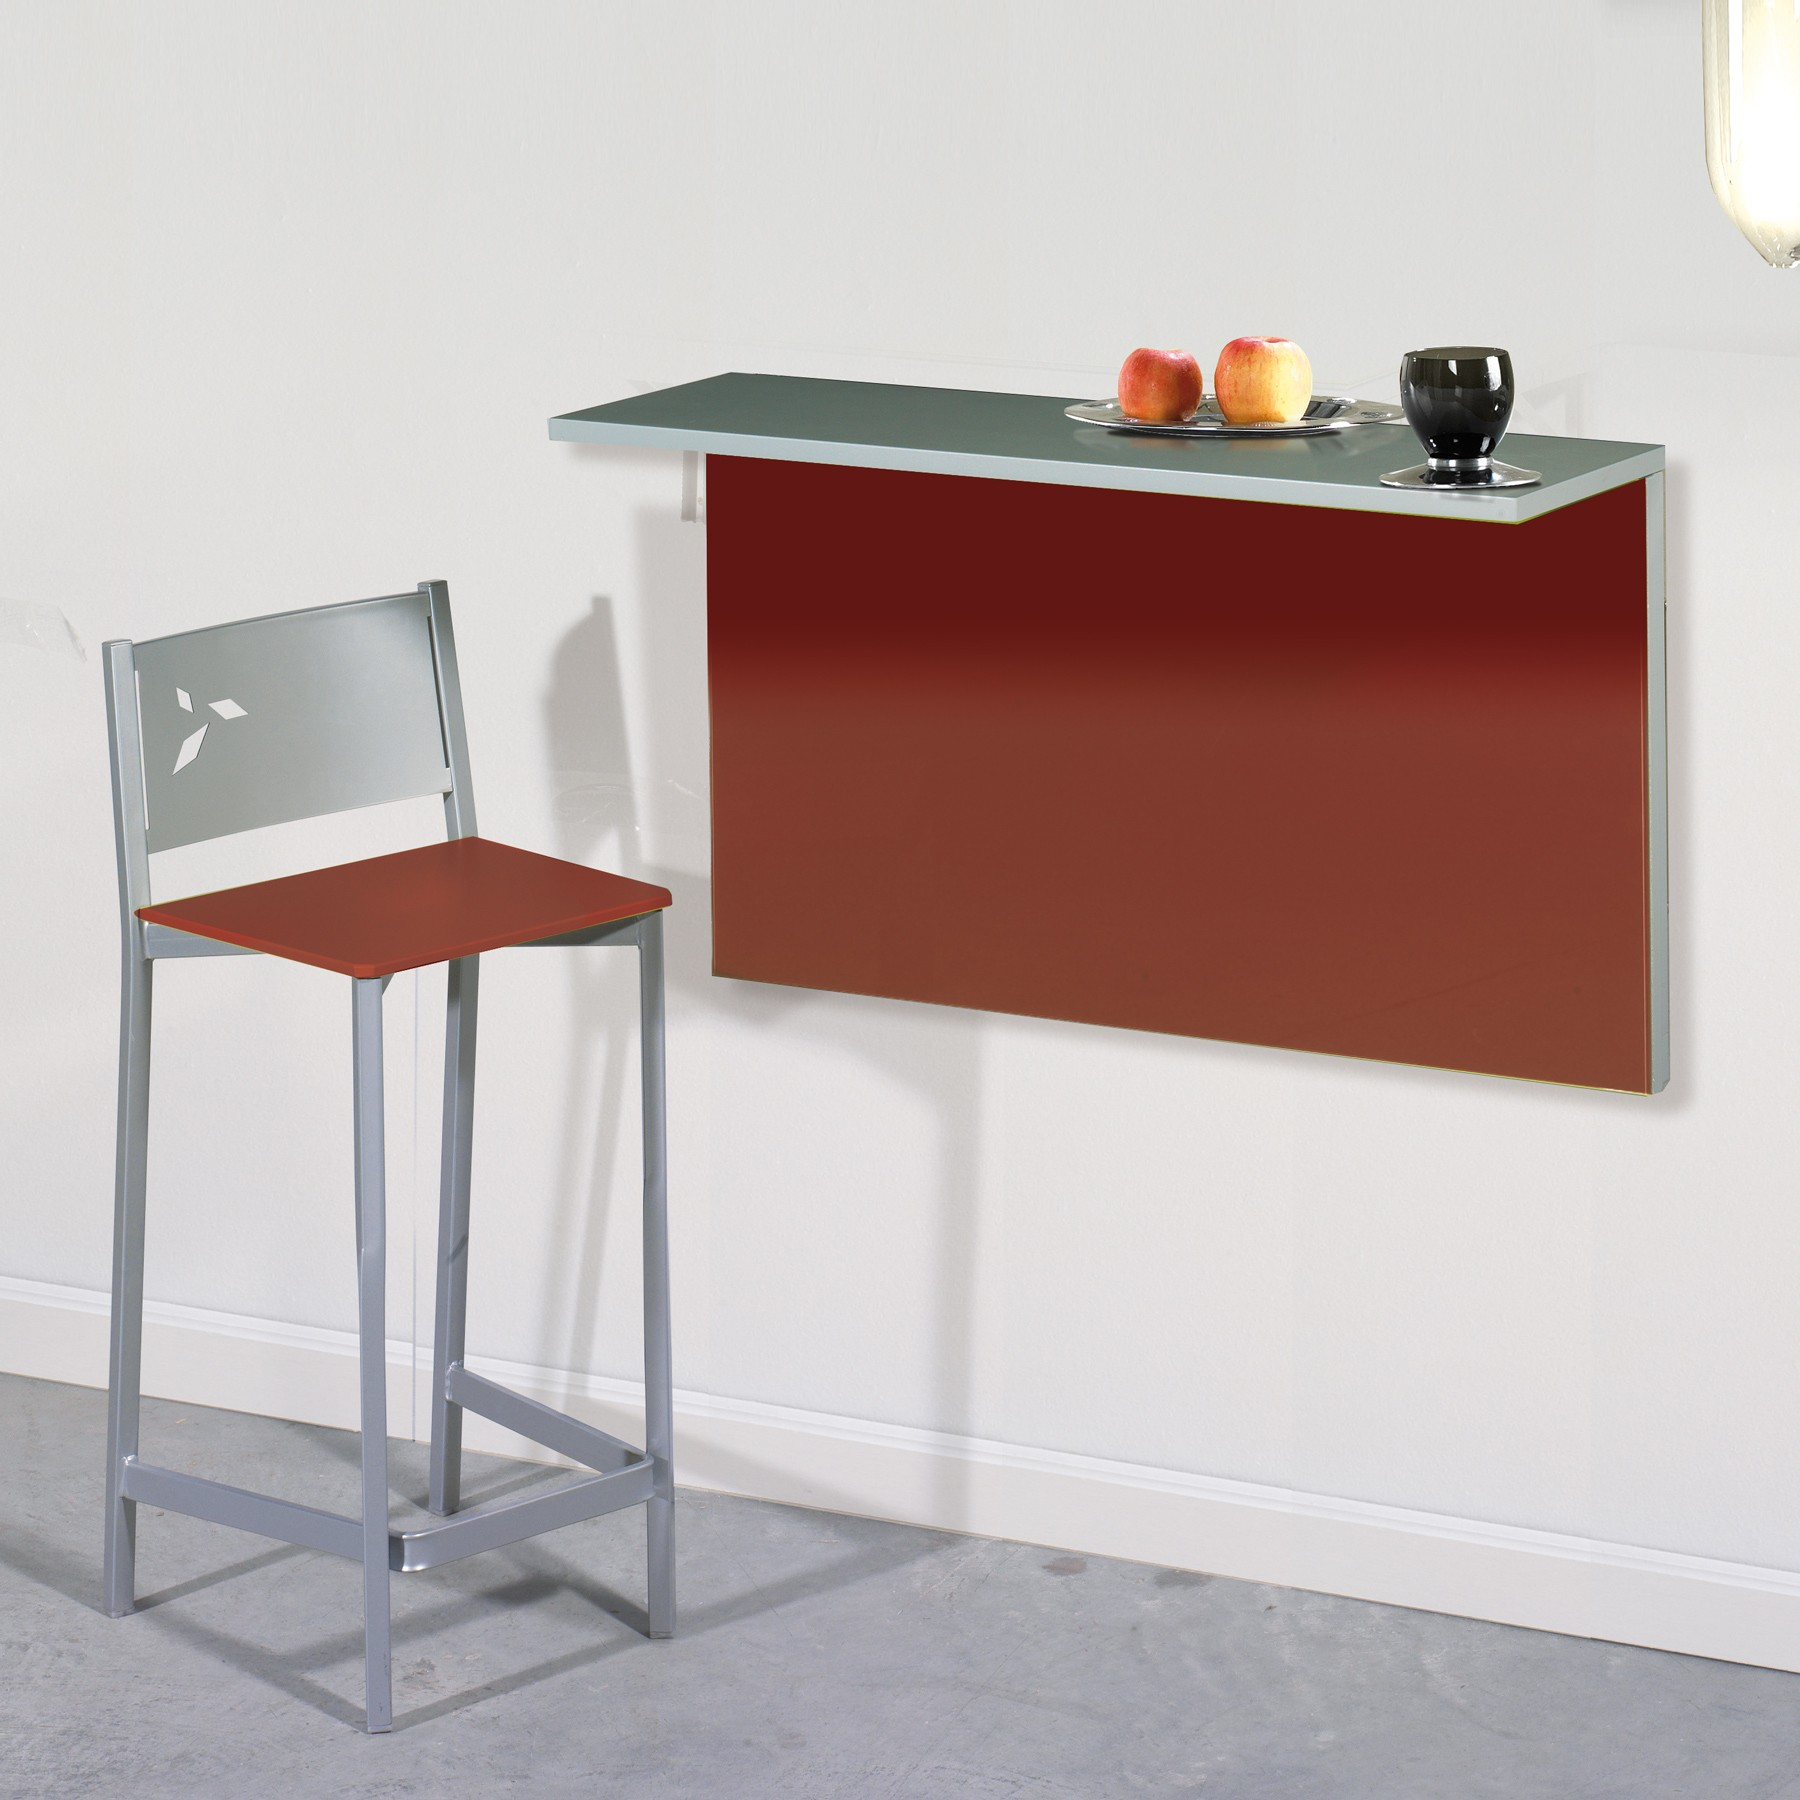 Muebles Para Cocinas Dekogar Muebles Y Decoraci N Online # Muebles Plegables